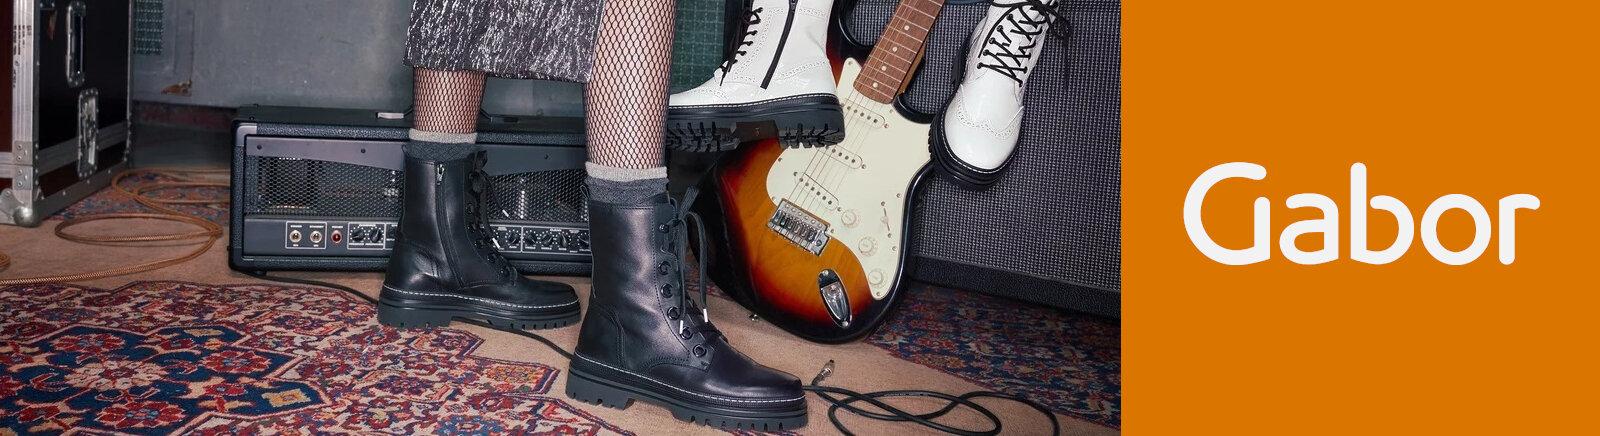 Gabor Markenschuhe online entdecken im Juppen Schuhe Shop